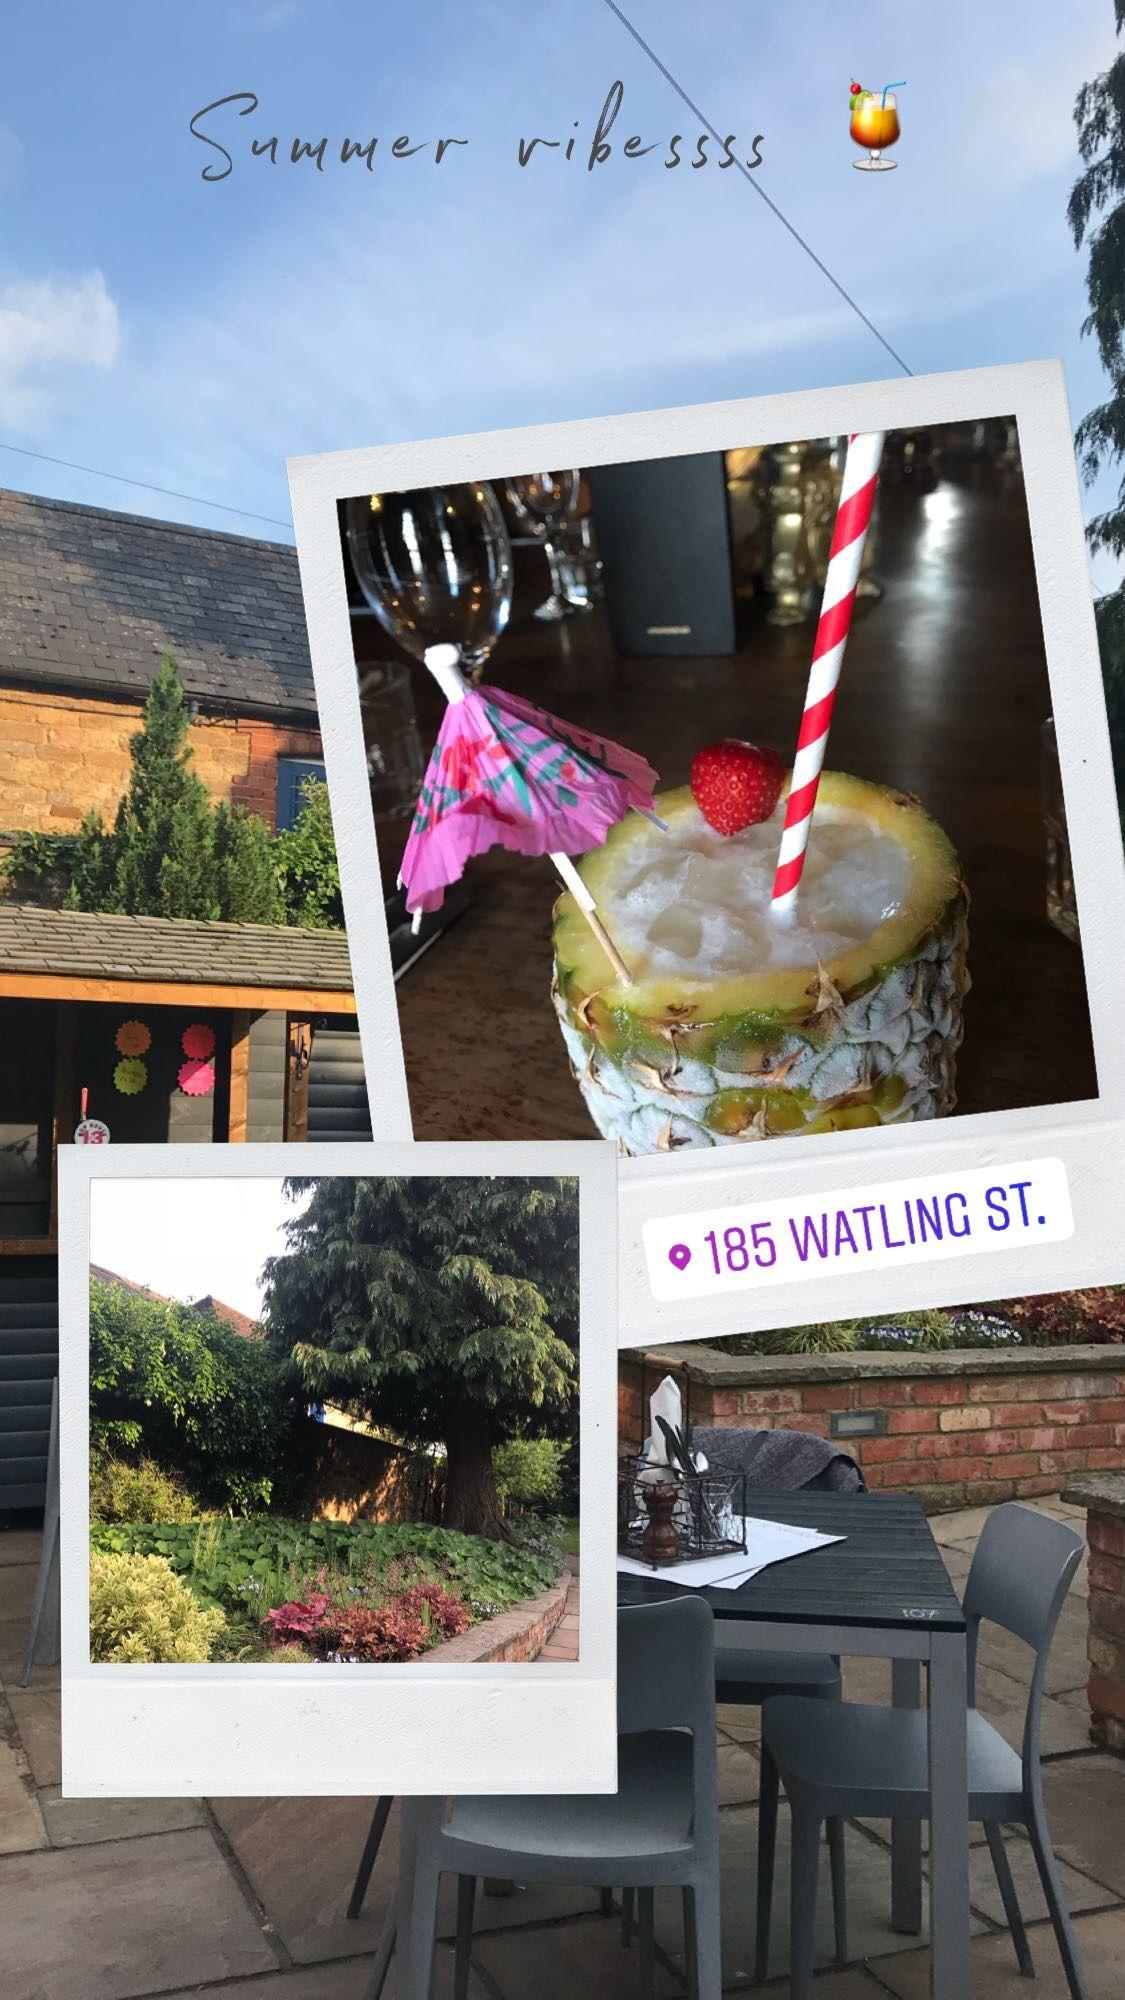 Summer Vibes 185 Watling Street Towcester